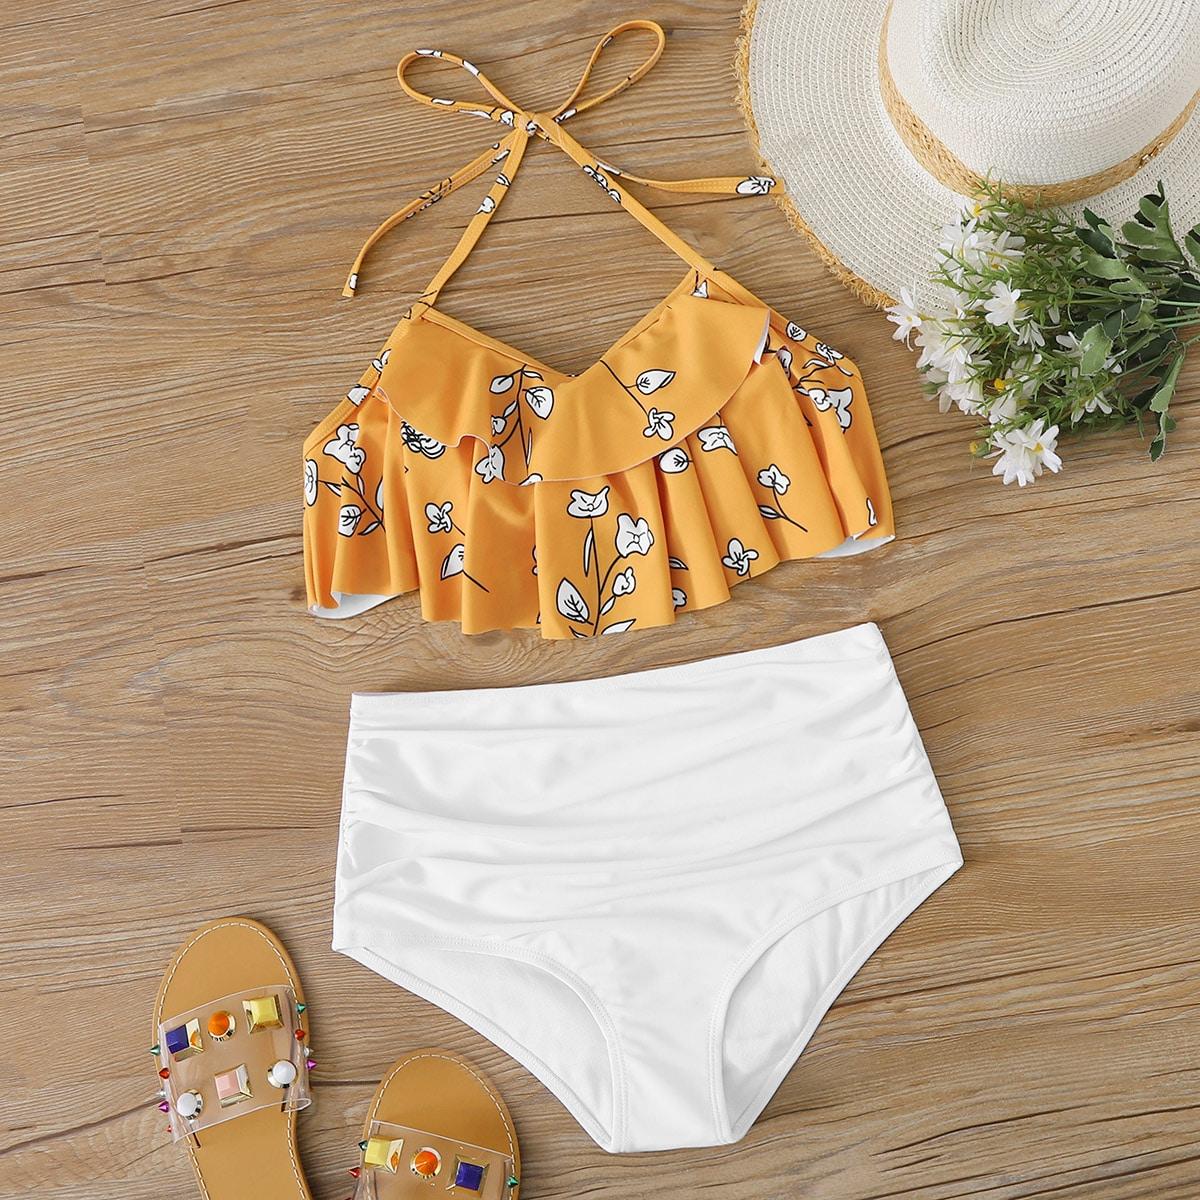 Bikini mit Blumen Muster, Raffung und hoher Taille